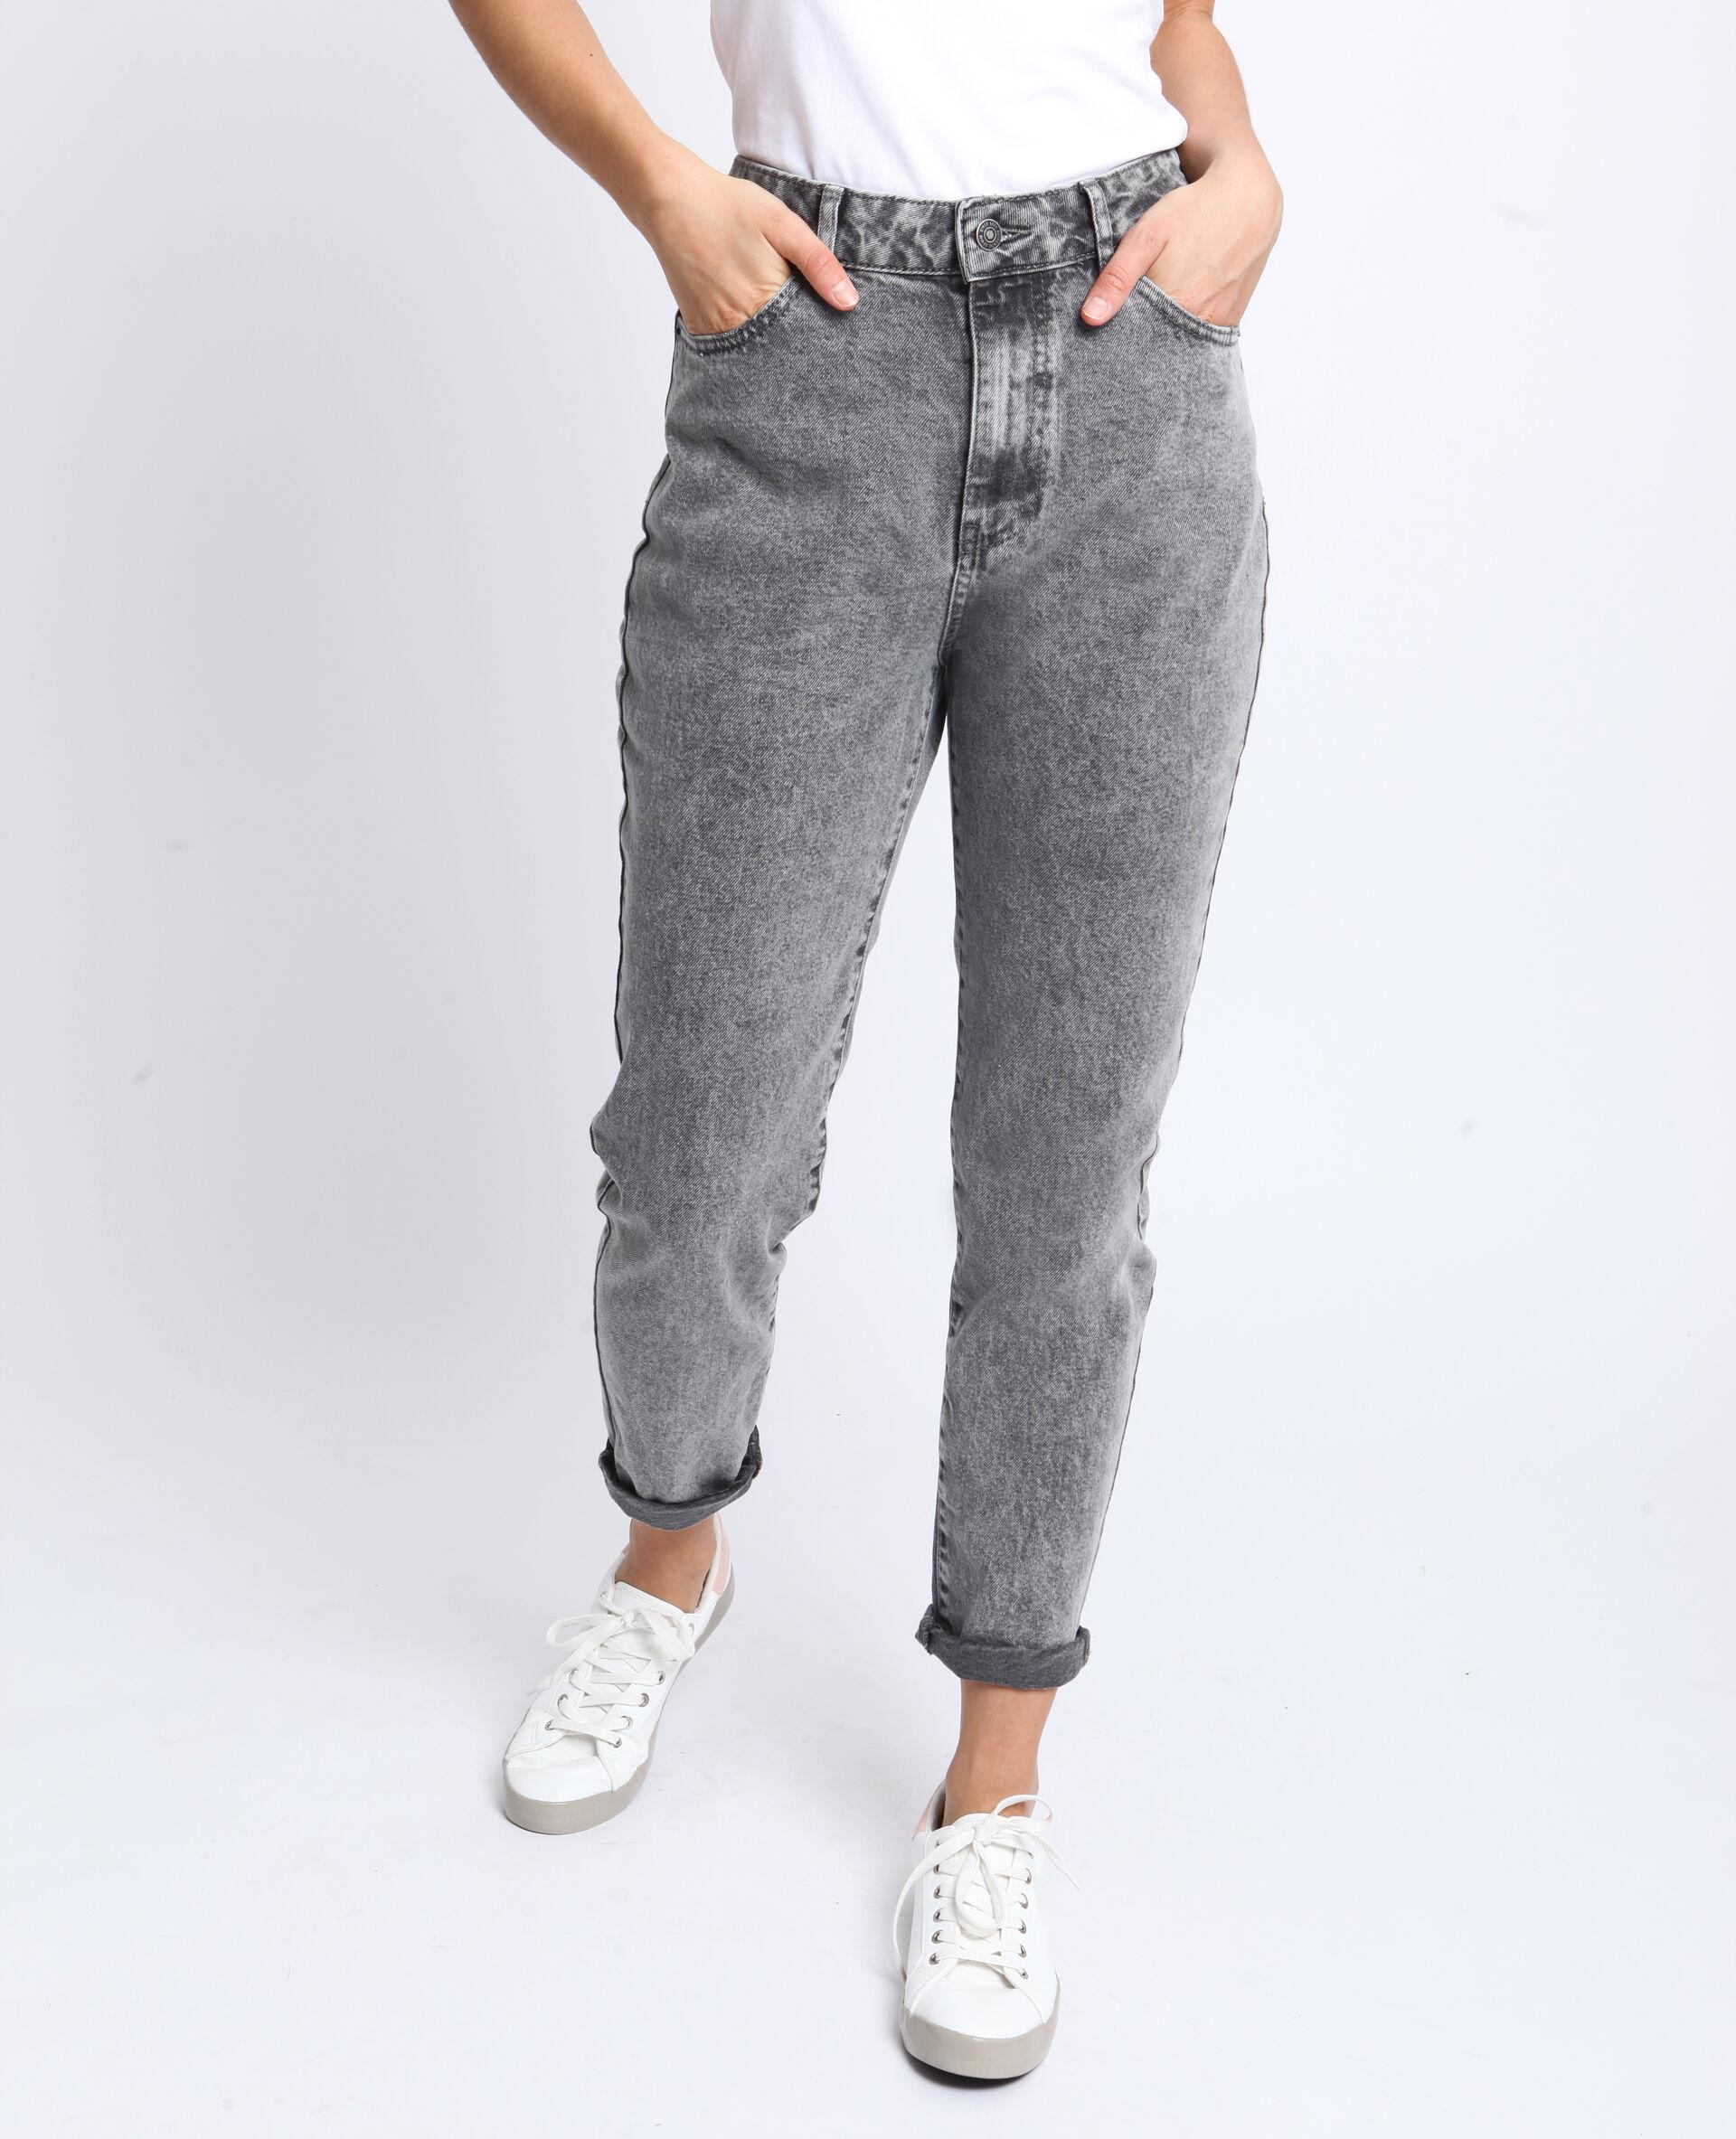 Original 12 Mois Pantalon Souple Imitation Jean Vêtements, Accessoires Vêtements Filles (0-24 Mois)